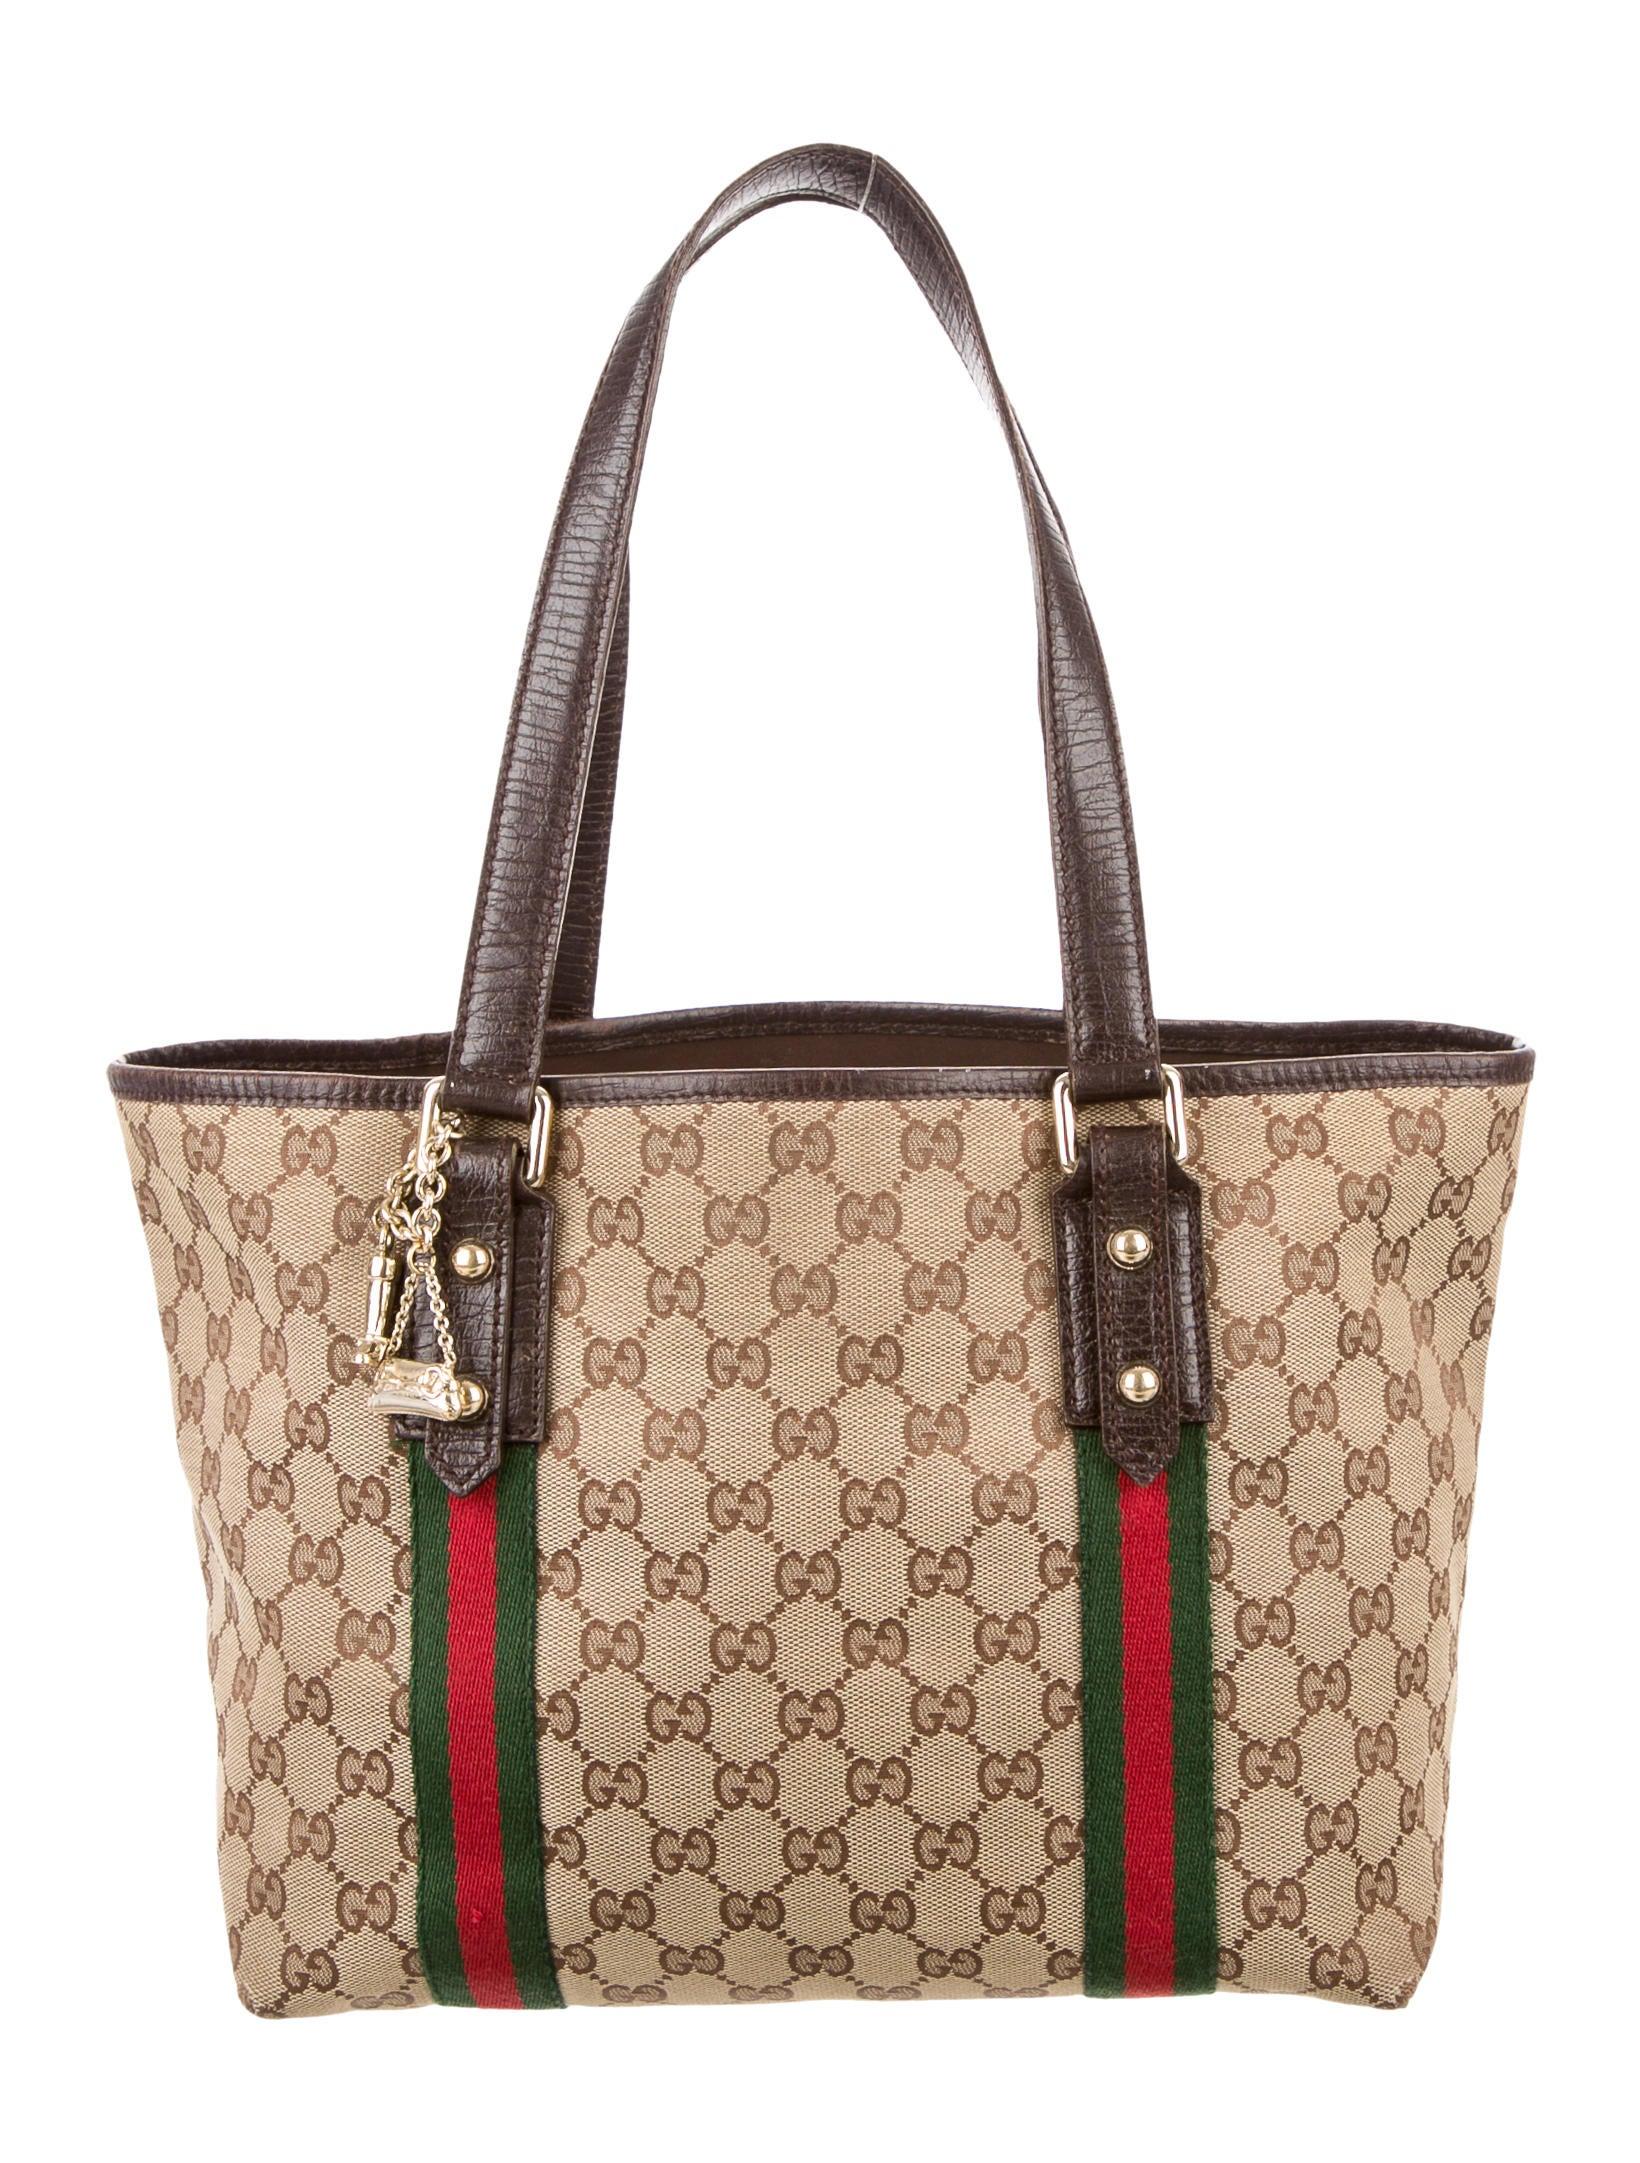 5a89f054e090 Gucci Small GG Jolicoeur Tote - Handbags - GUC125508 | The RealReal